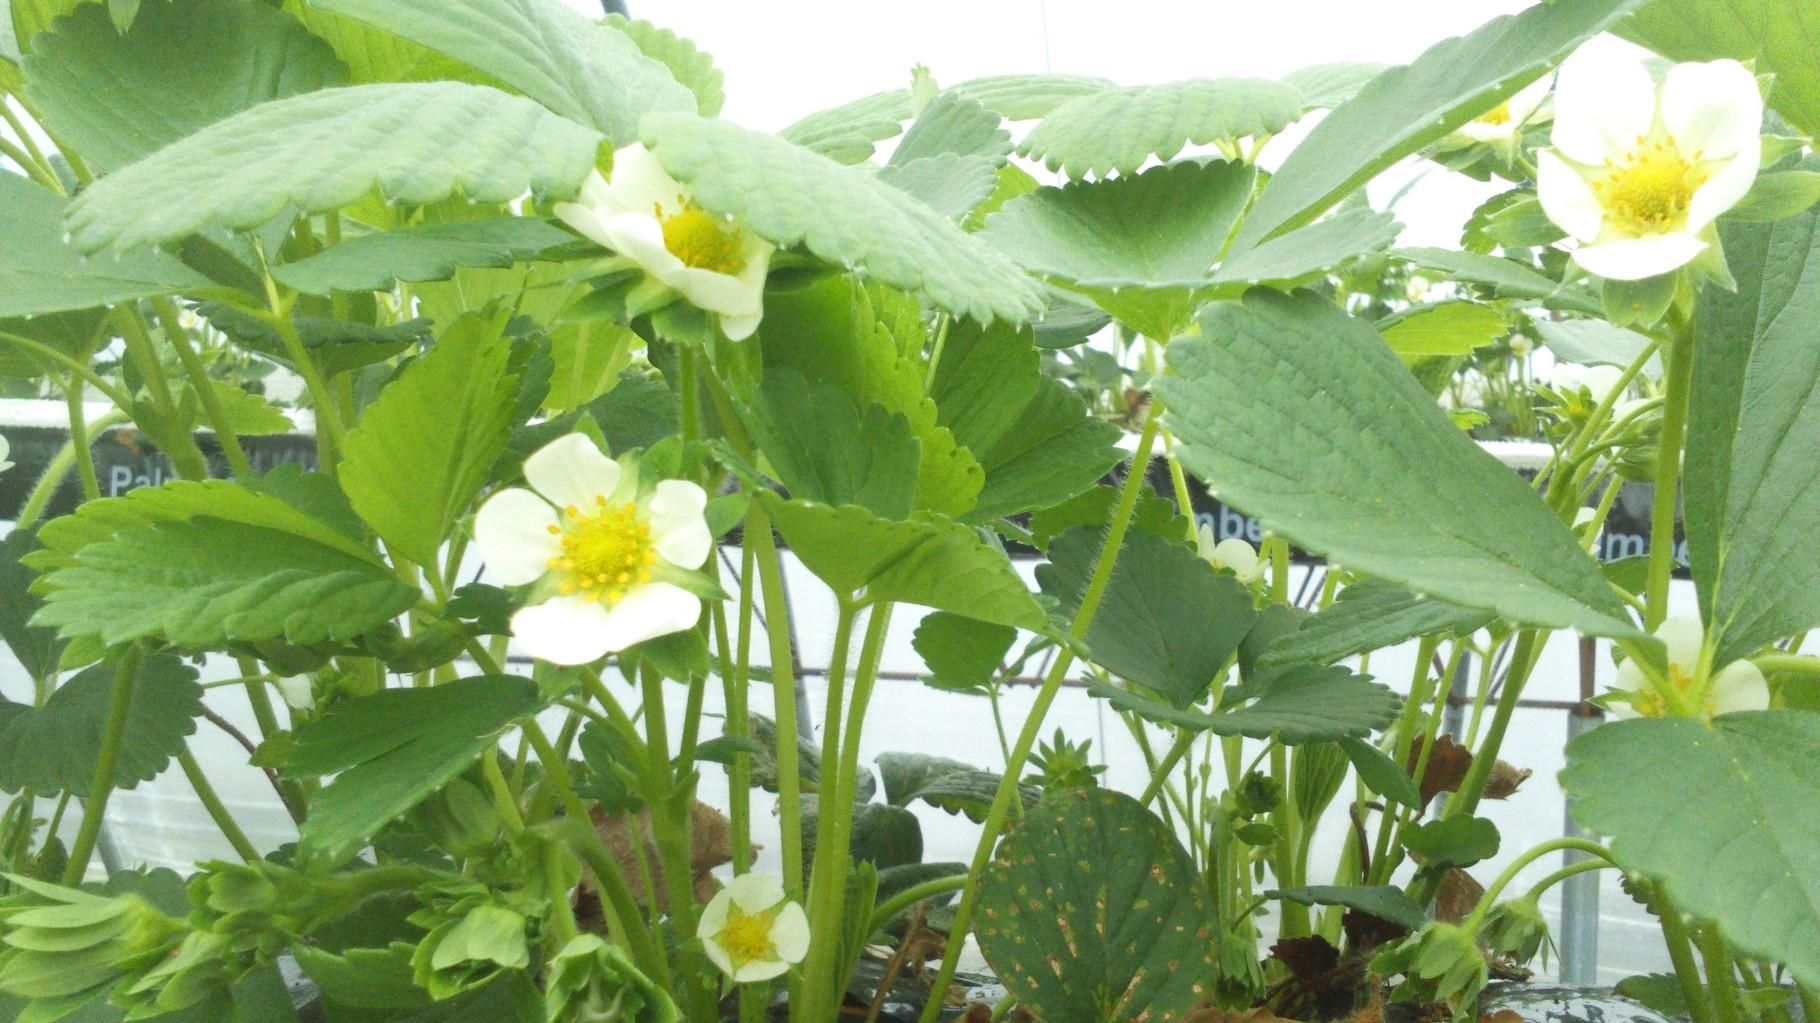 05 mai 2015 Fleurs de friaisers qui laisseront place aux premiers fruits d'ici quelques semaines ...